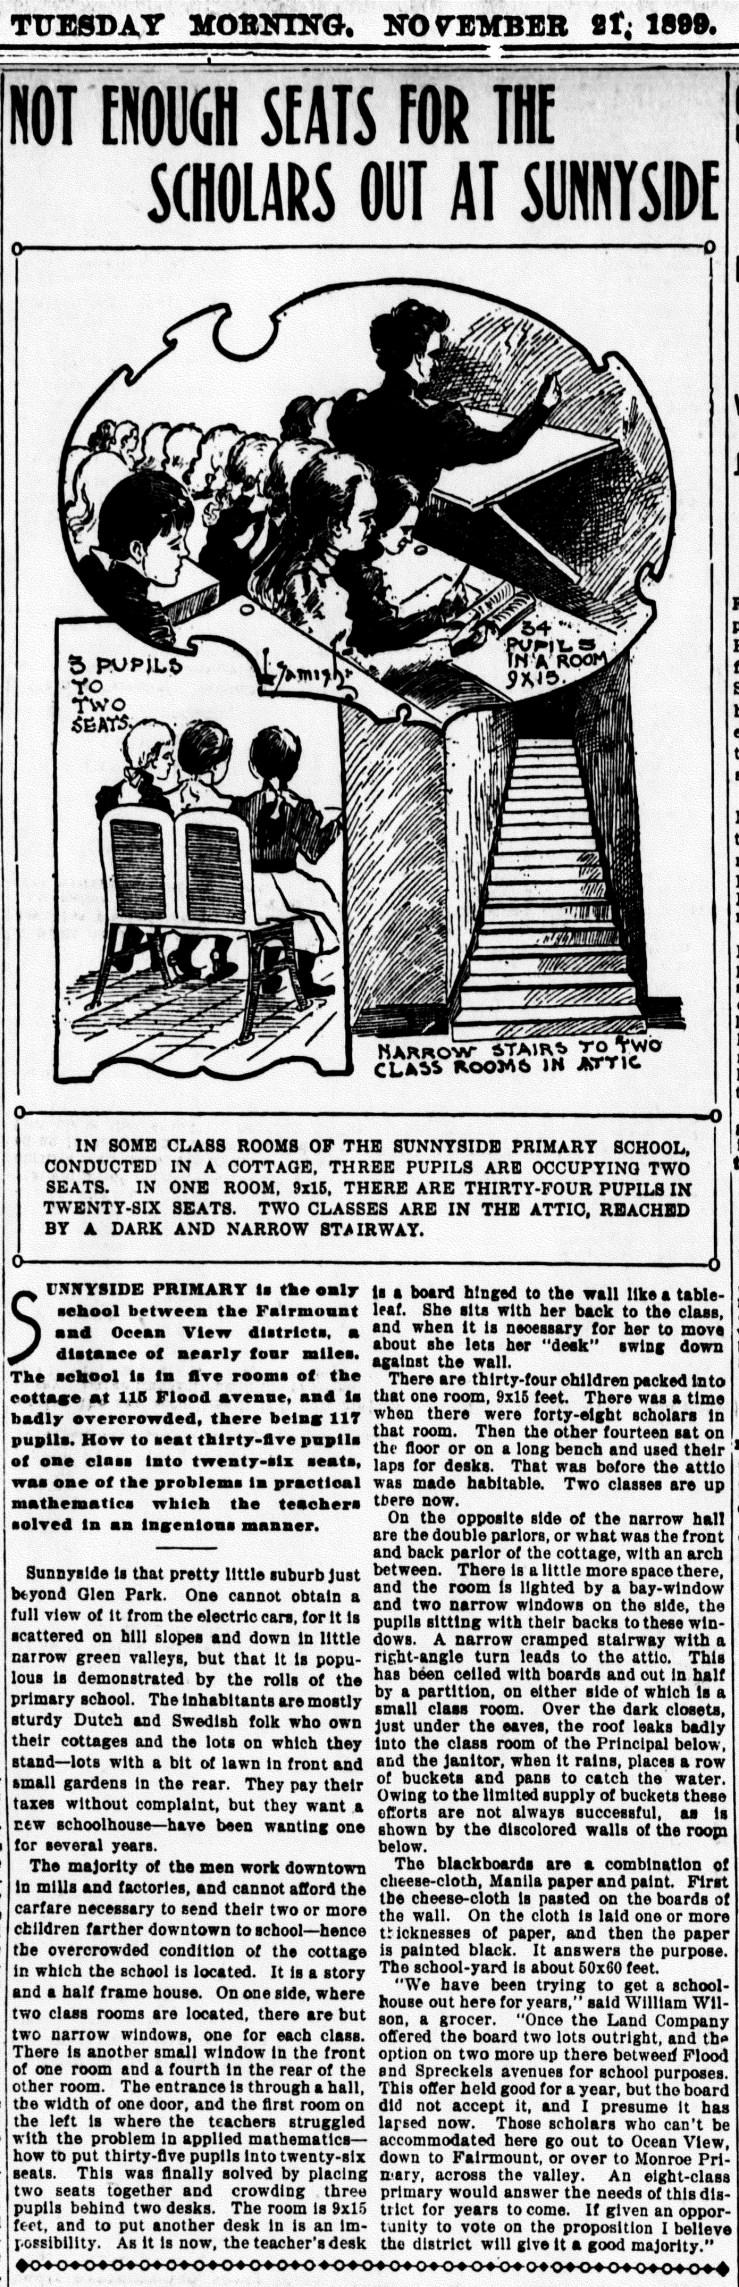 1899Nov21-Examiner-p12-Sunnyside-School-scholars